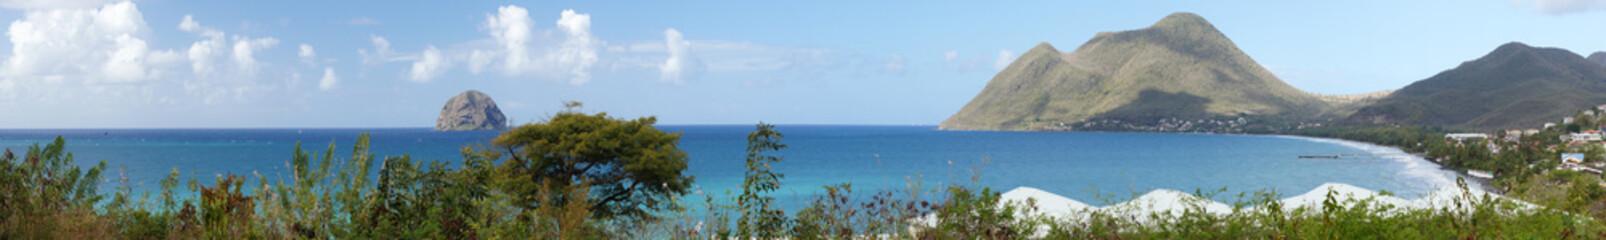 Vue générale sur la plage du Diamant, son rocher et sa pointe